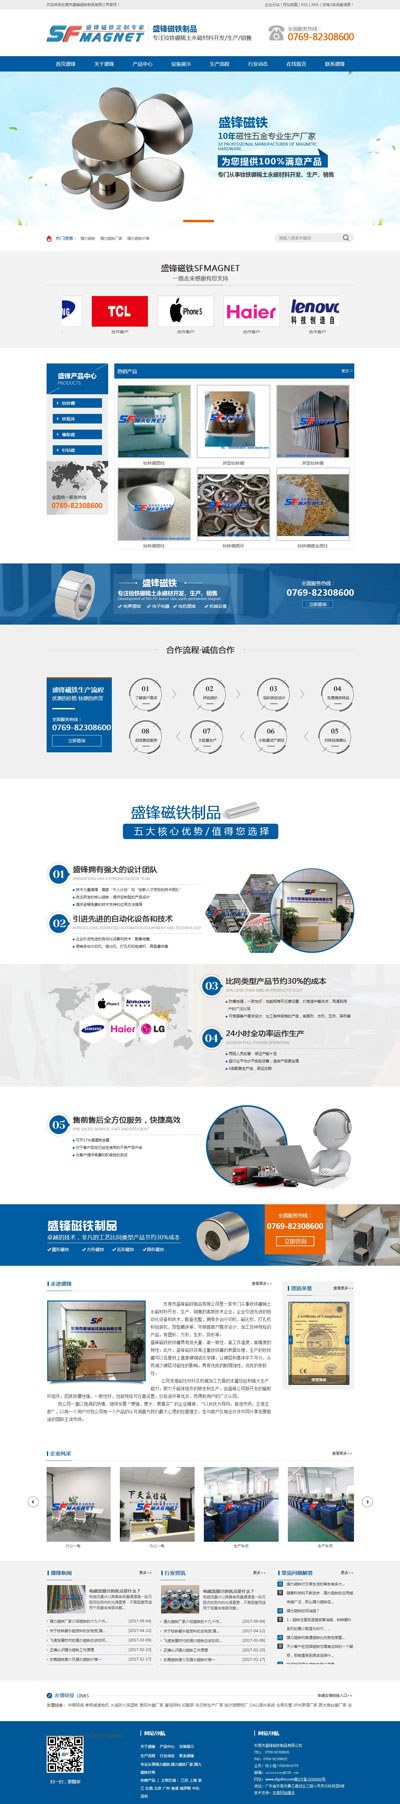 东莞市盛锋磁铁制品有限公司